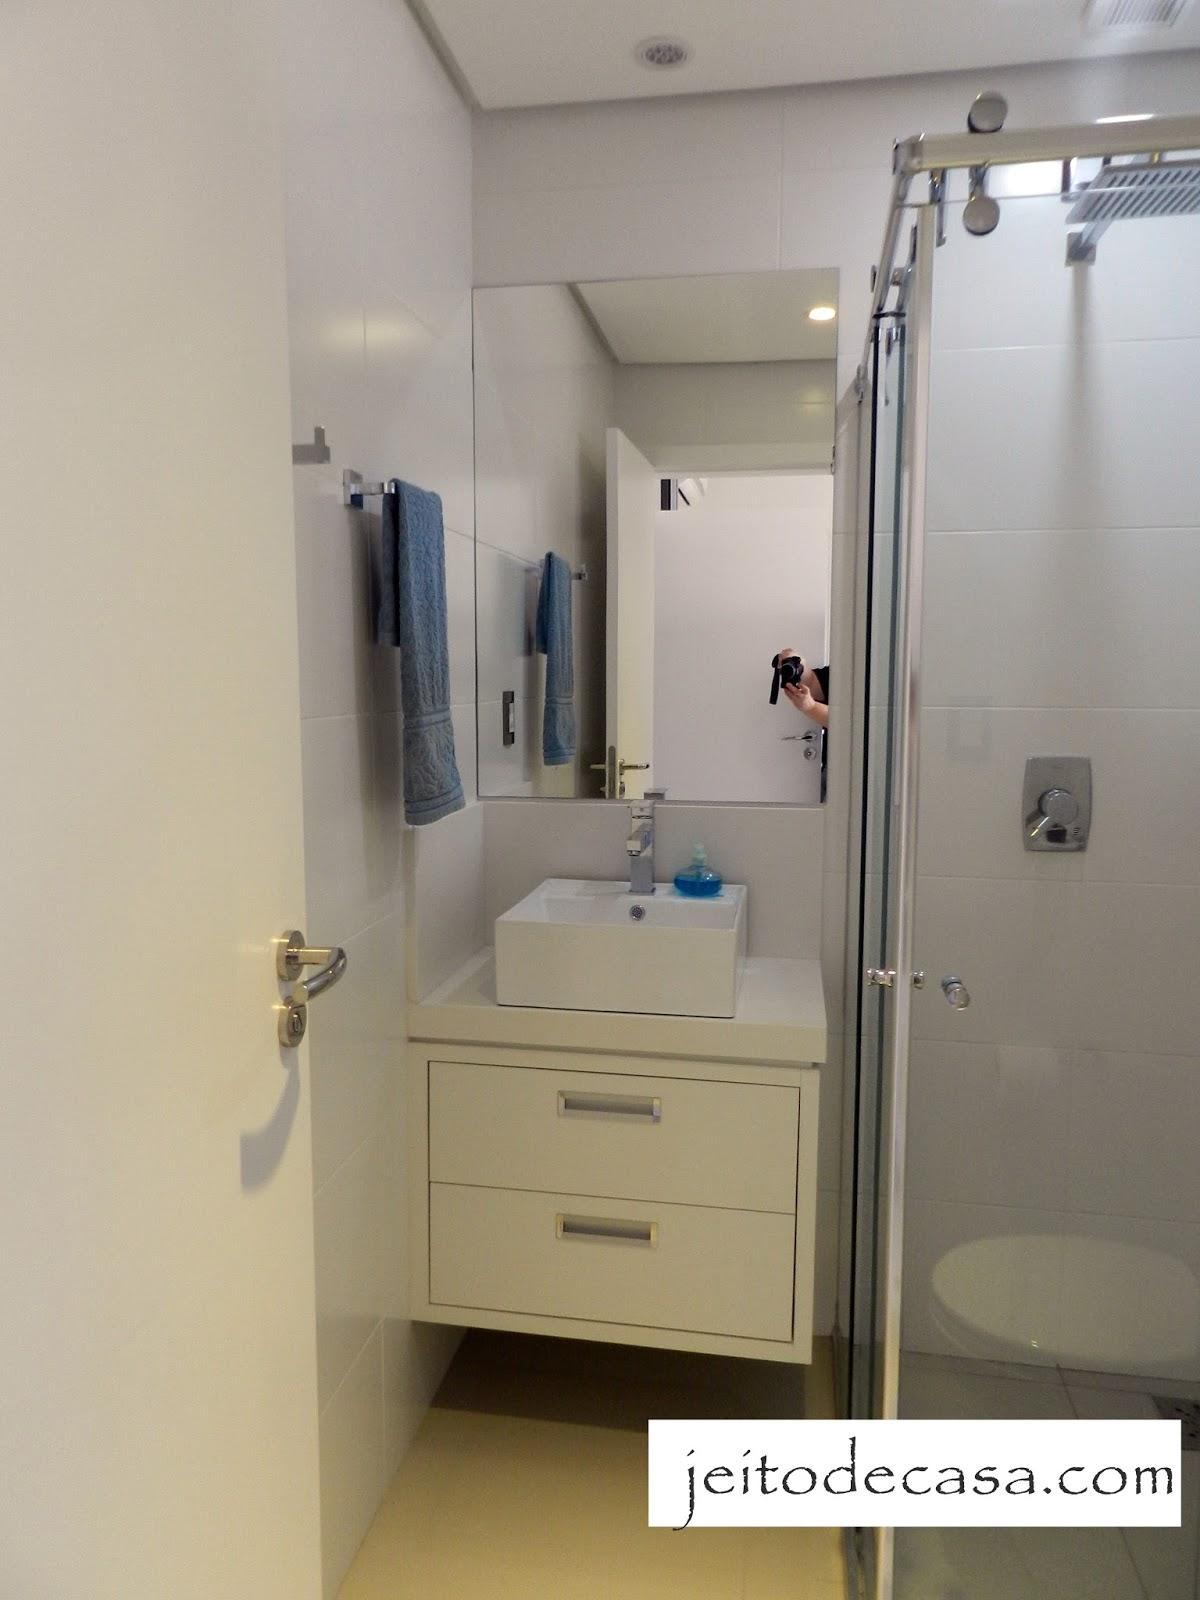 #796C49  apartamento são suítes. O banheiro do quarto do filho tem 3 metros 1200x1600 px janela banheiro branca